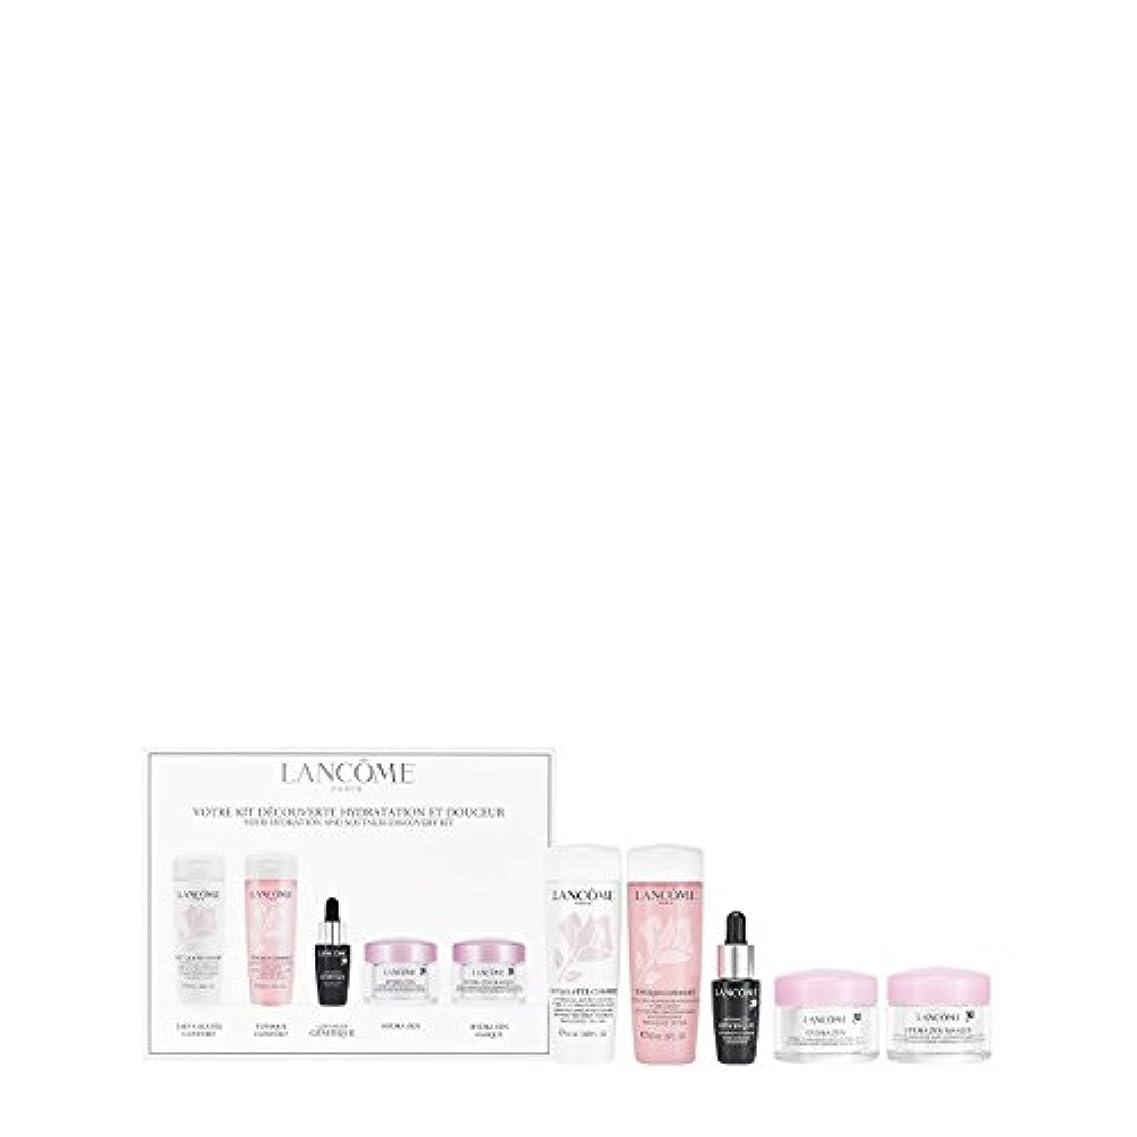 起きて植木したがってランコム Your Hydration & Softness Discovery Kit: Confort Galatee+Confort Tonique+Genifique Concentrate+Hydra Zen...